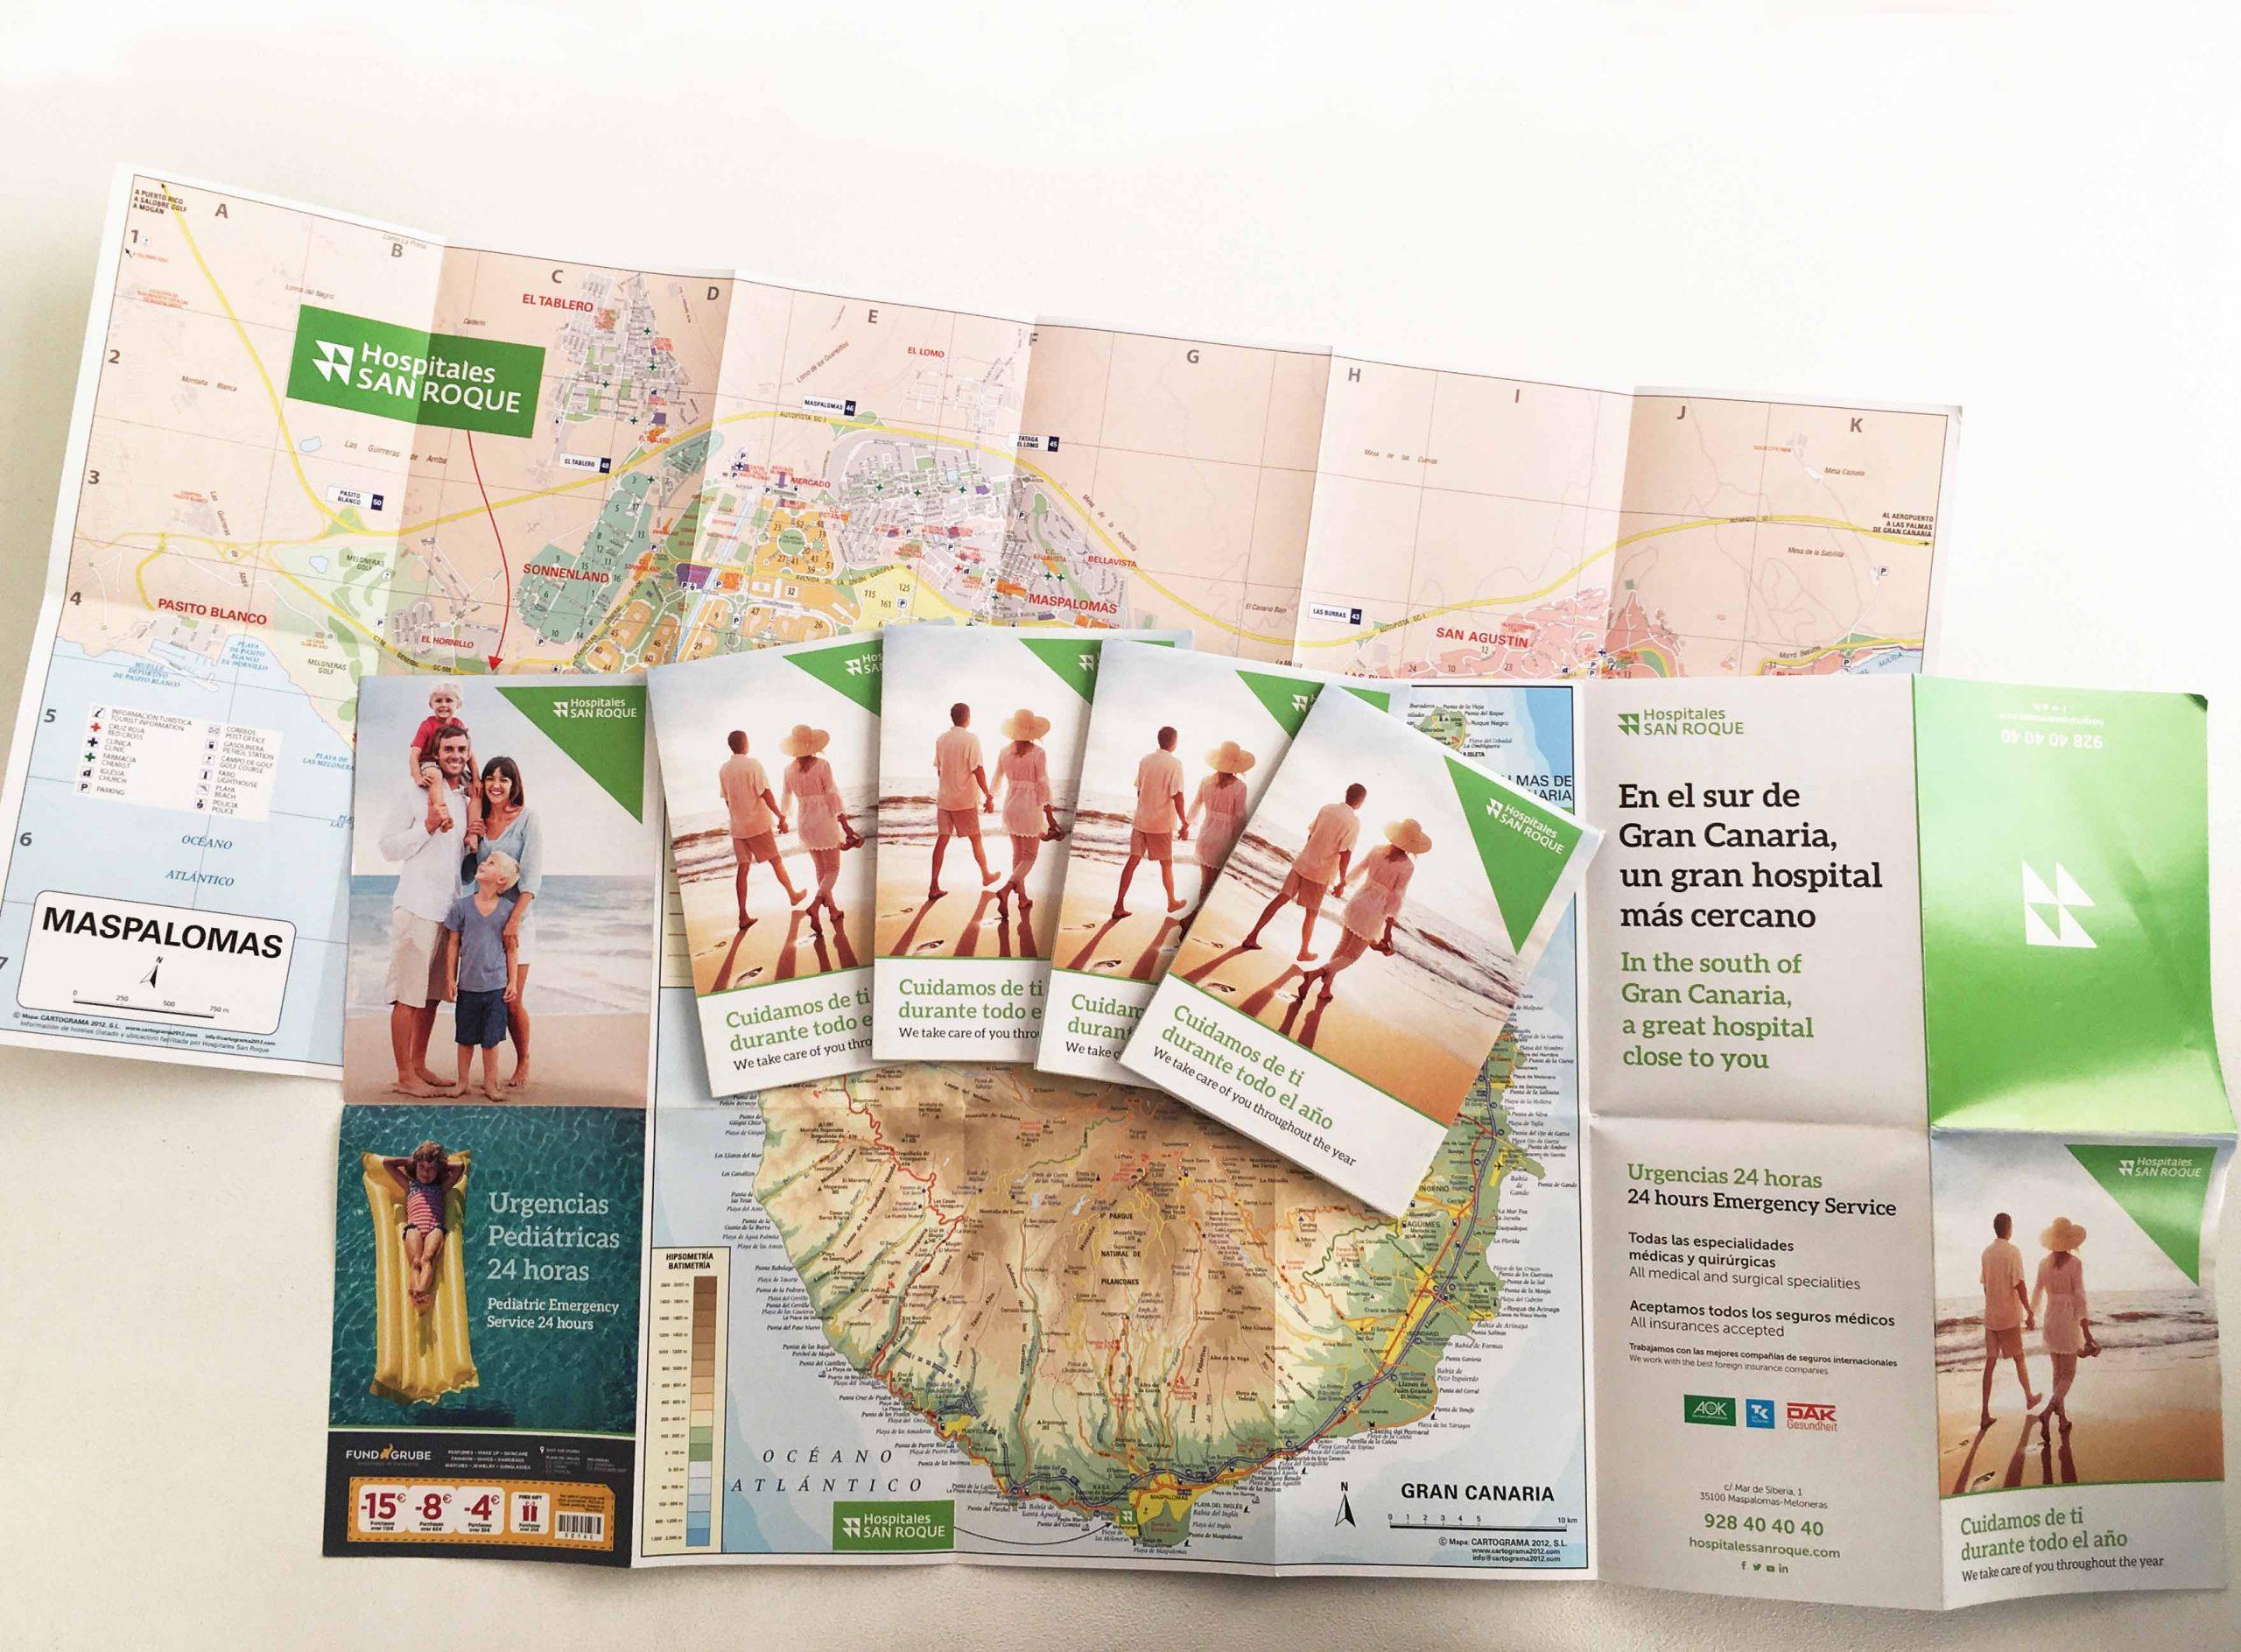 Mapas plegados para publicidad